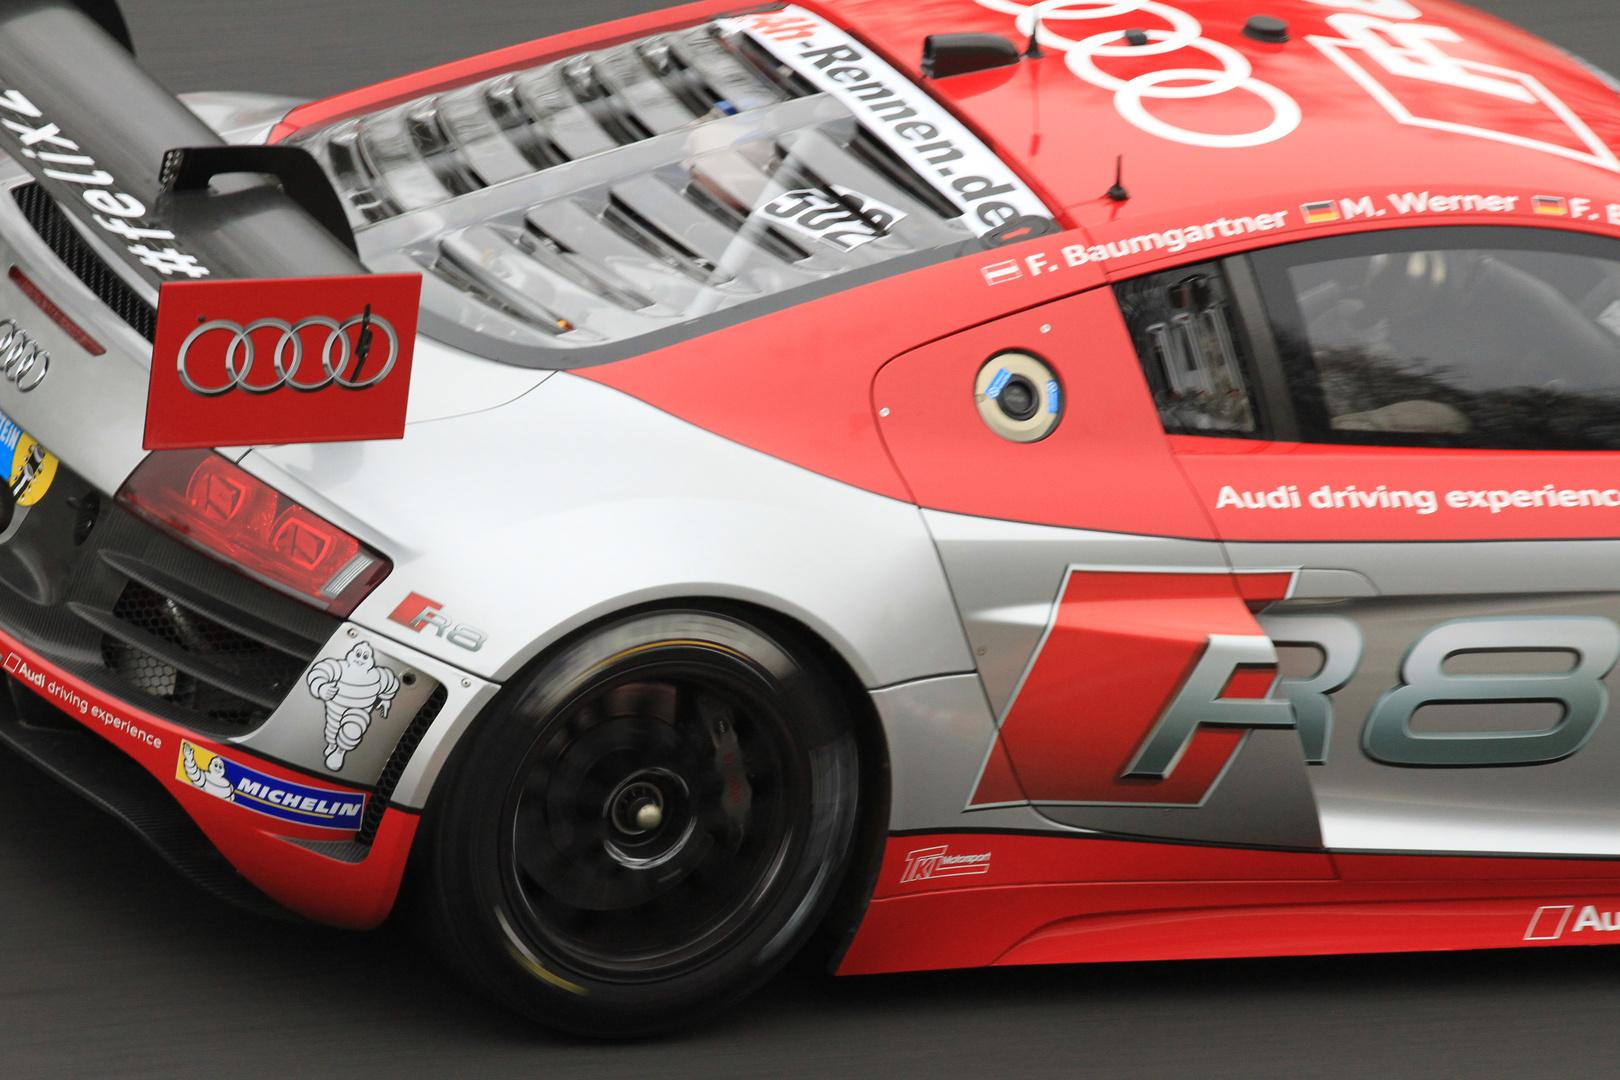 Audi R8 LMS -Testlauf für 24h Rennen